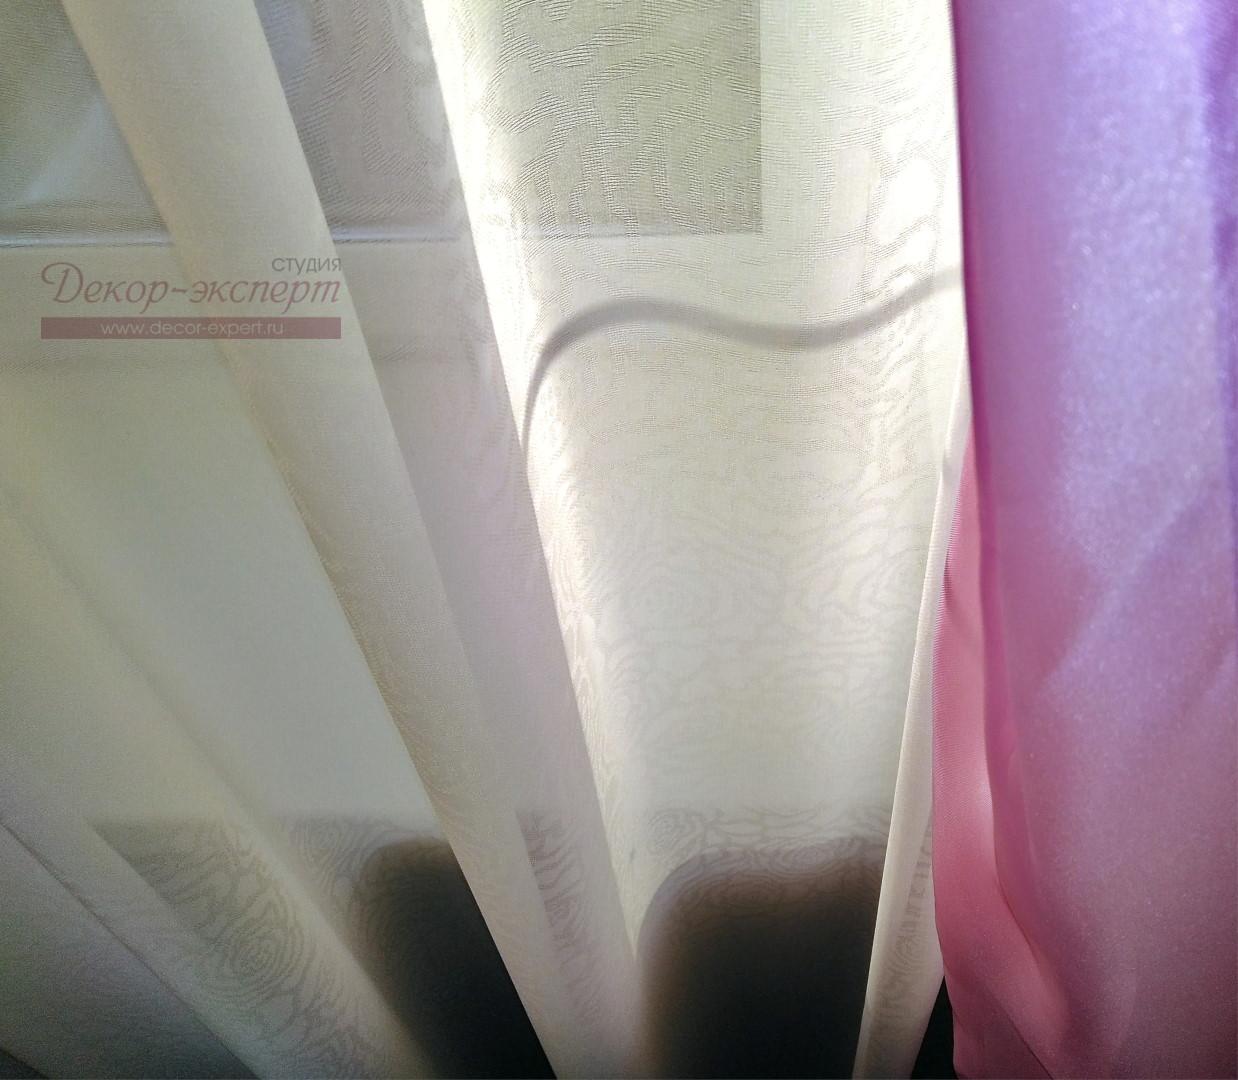 Жаккардовый узор в виде розочек на тюле.